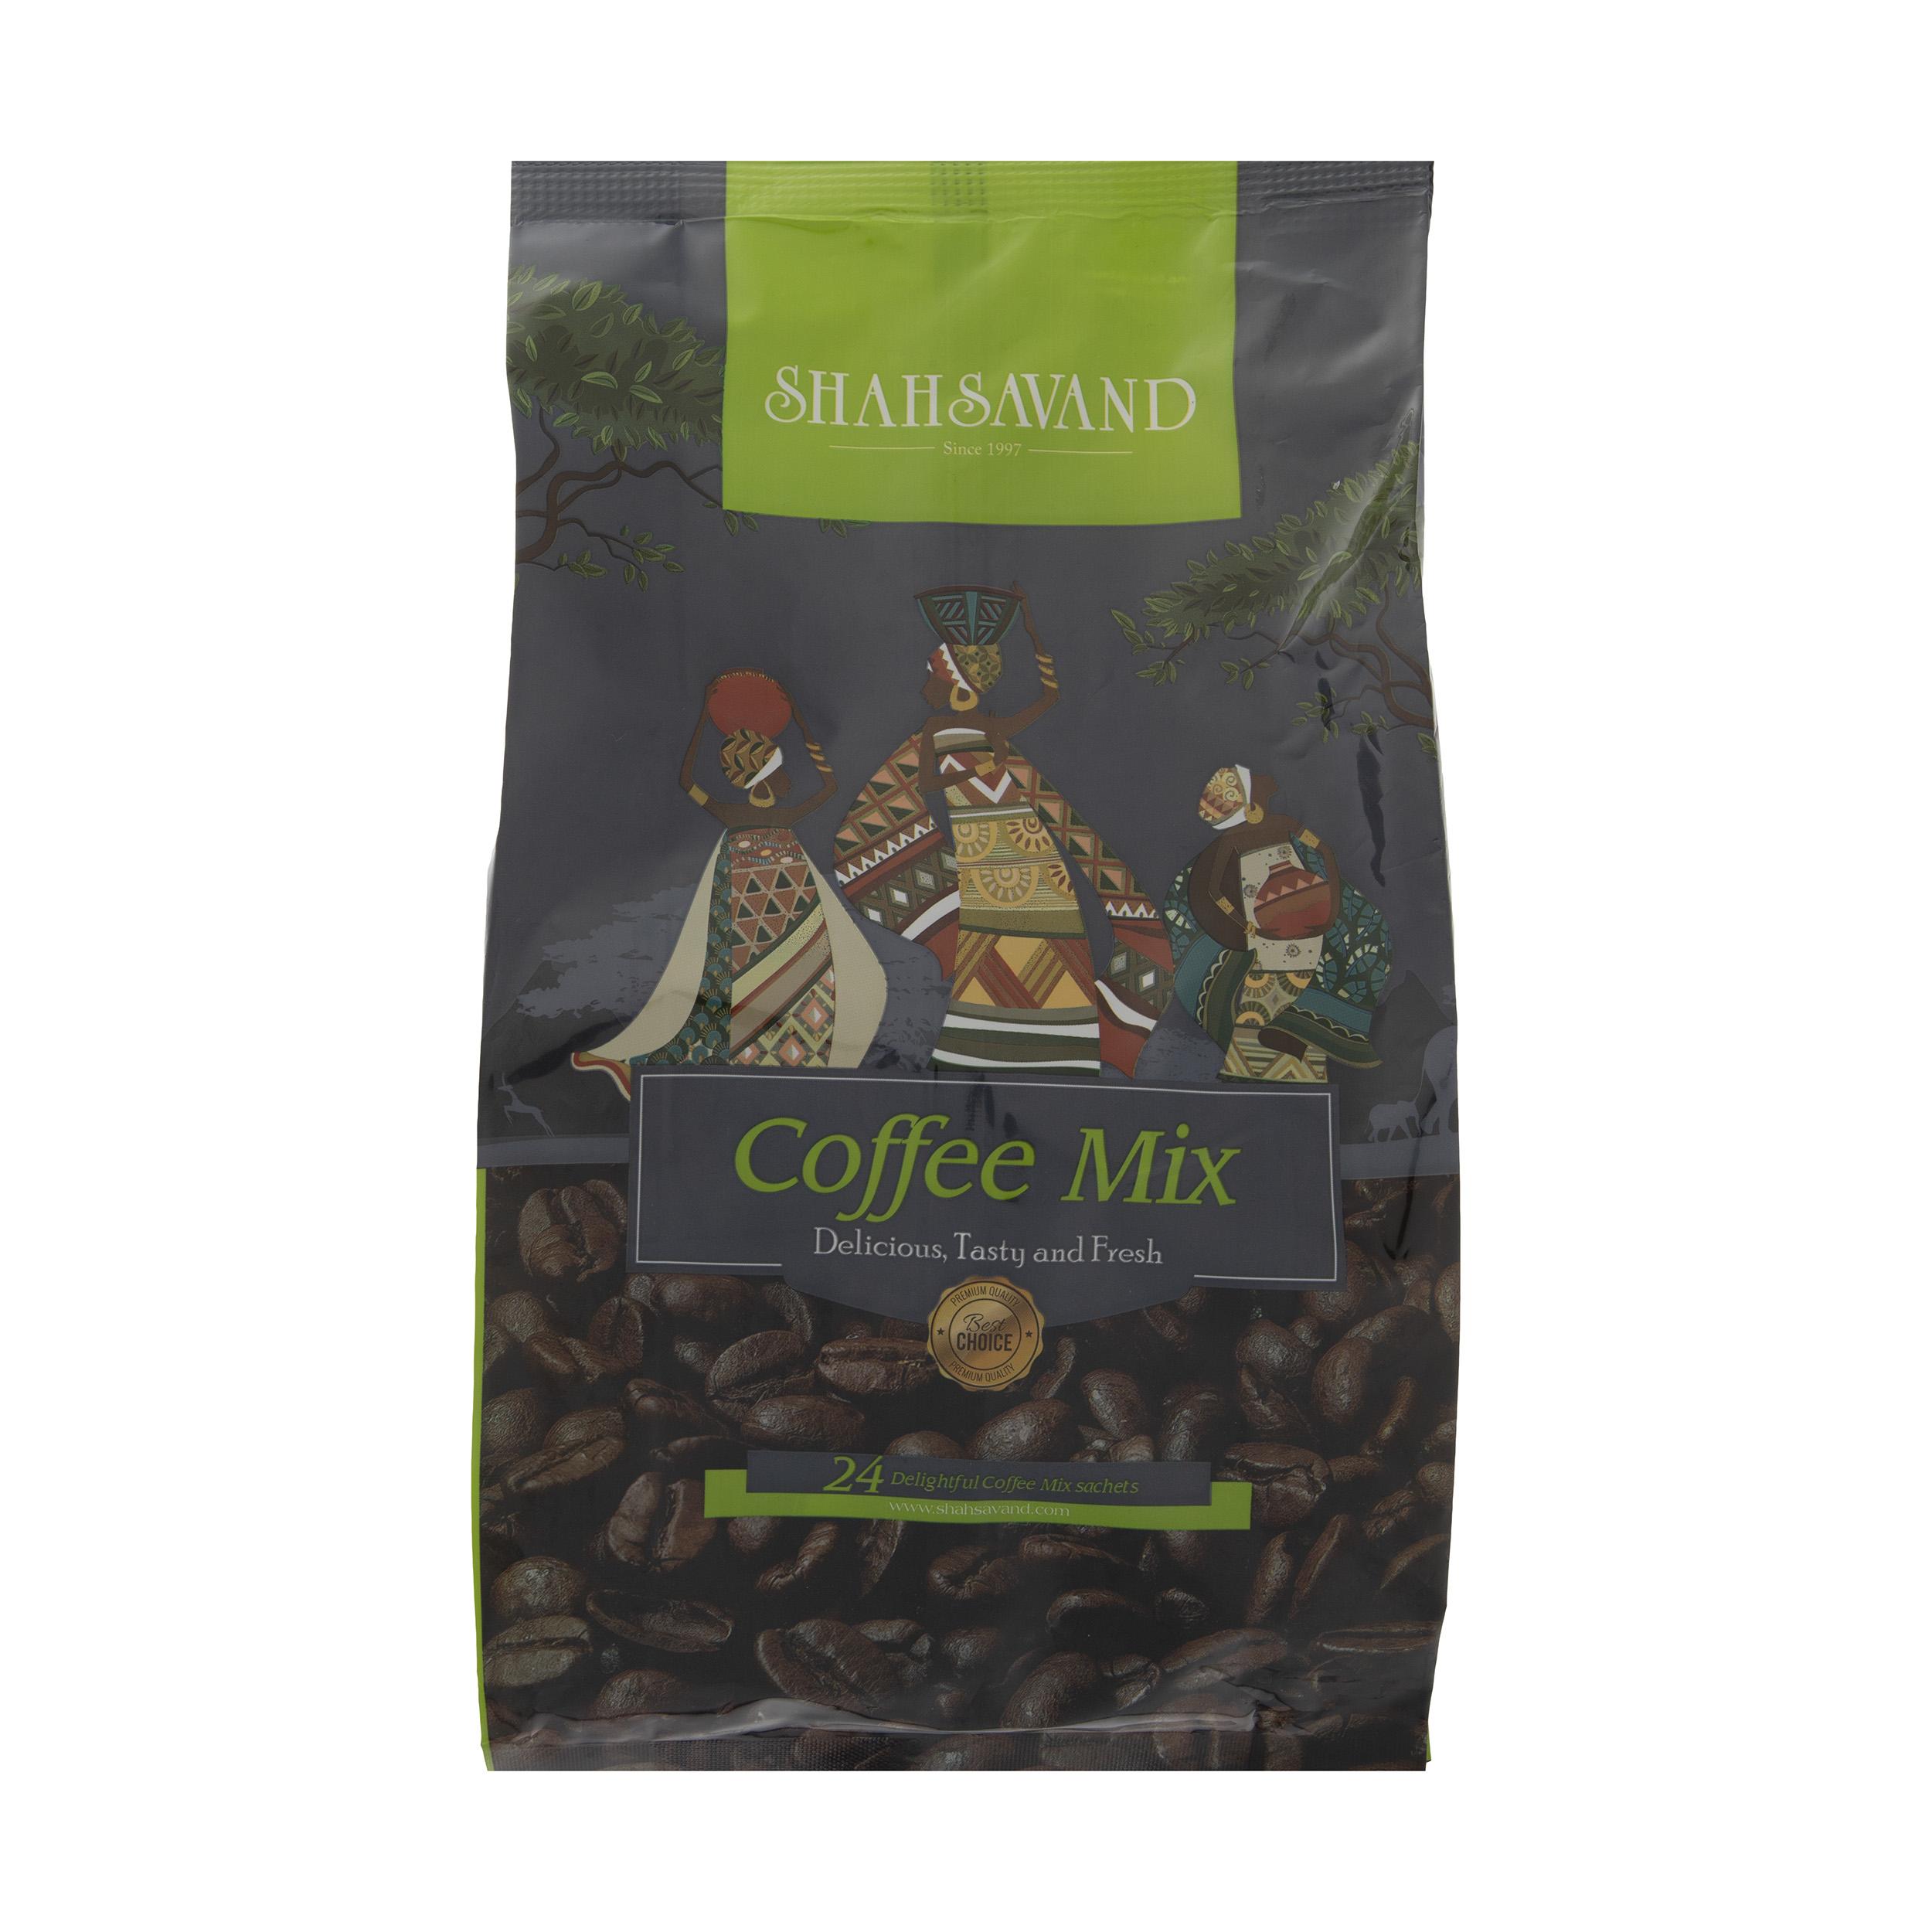 قهوه فوری کافی میکس شاهسوند بسته 24 عددی